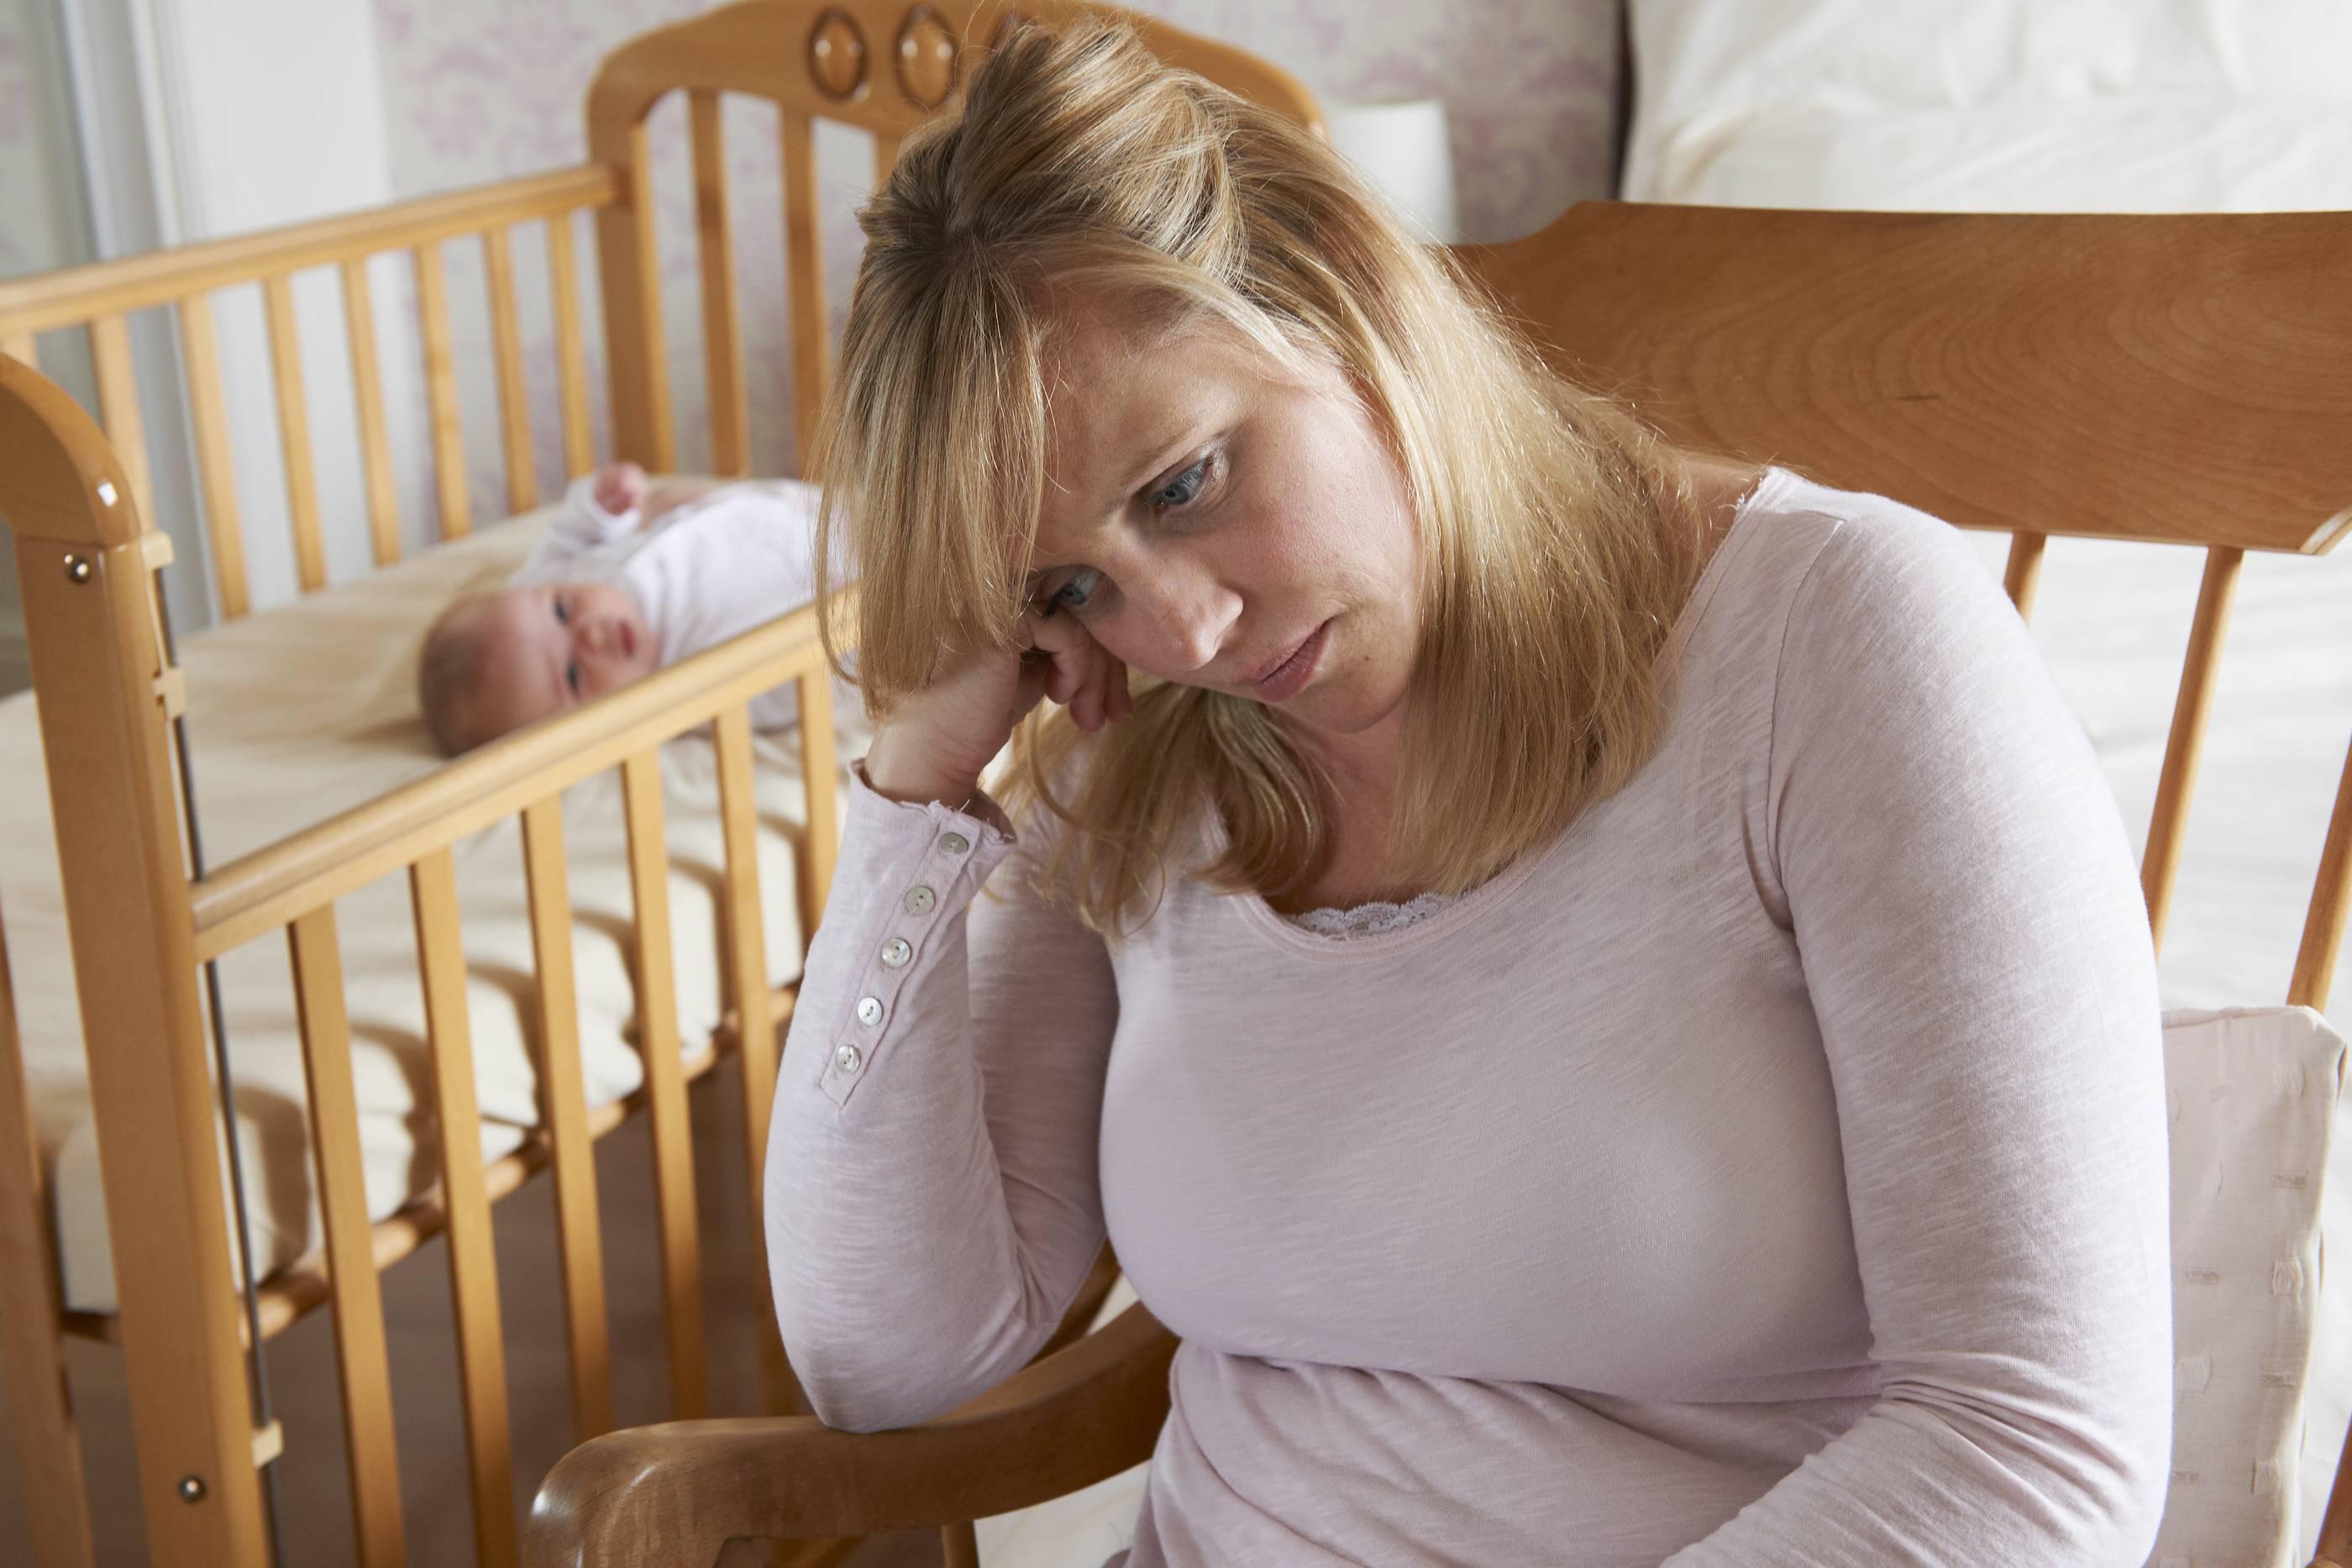 Послеродовая депрессия: симптомы, последствия, лечение